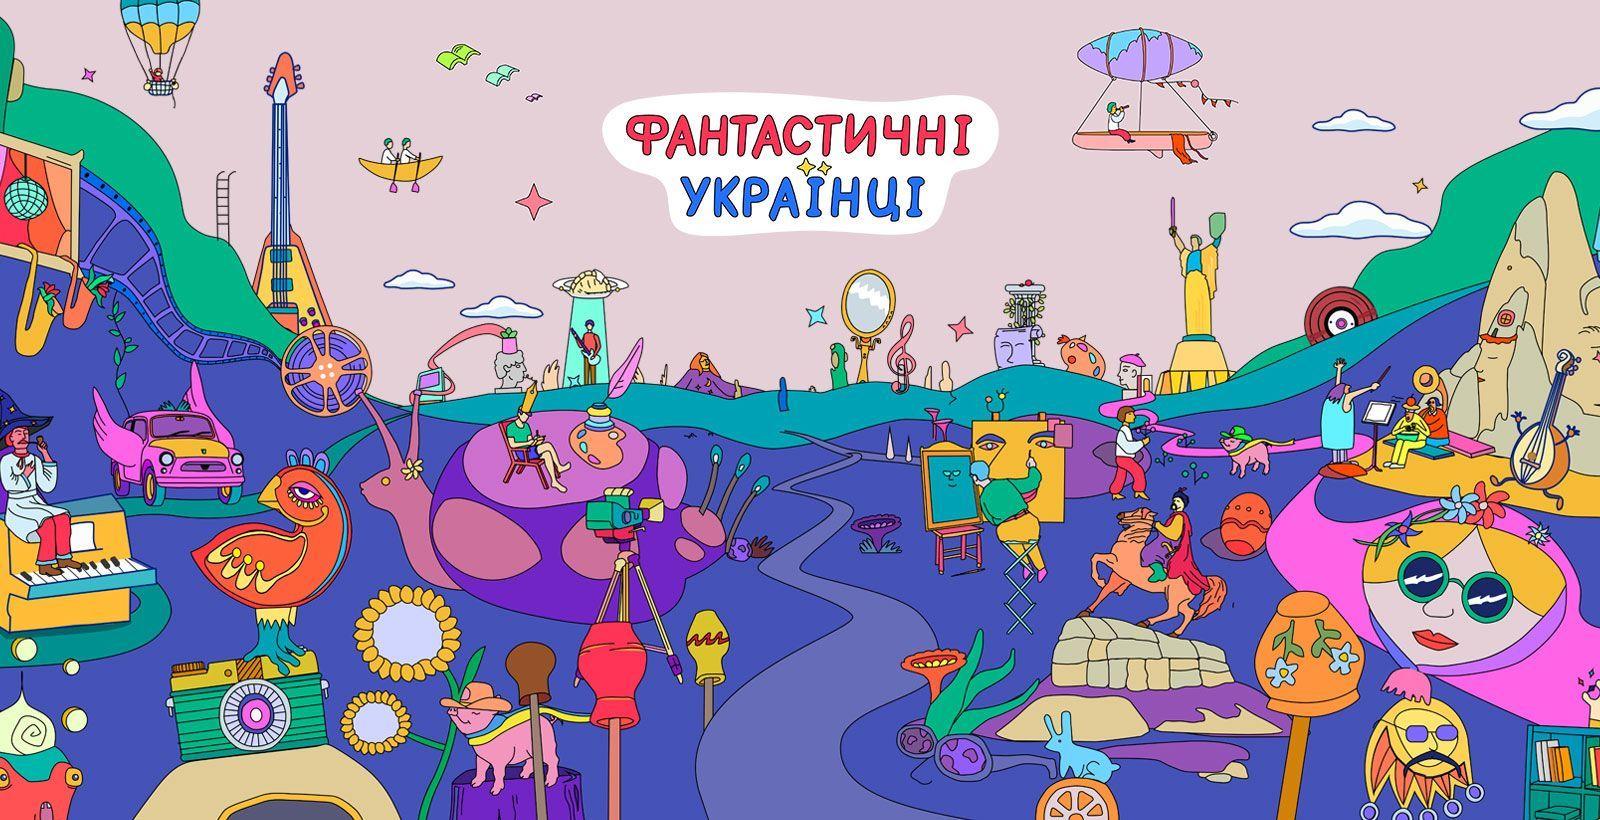 Megogo Live покаже цикл документальних фільмів «Фантастичні українці»